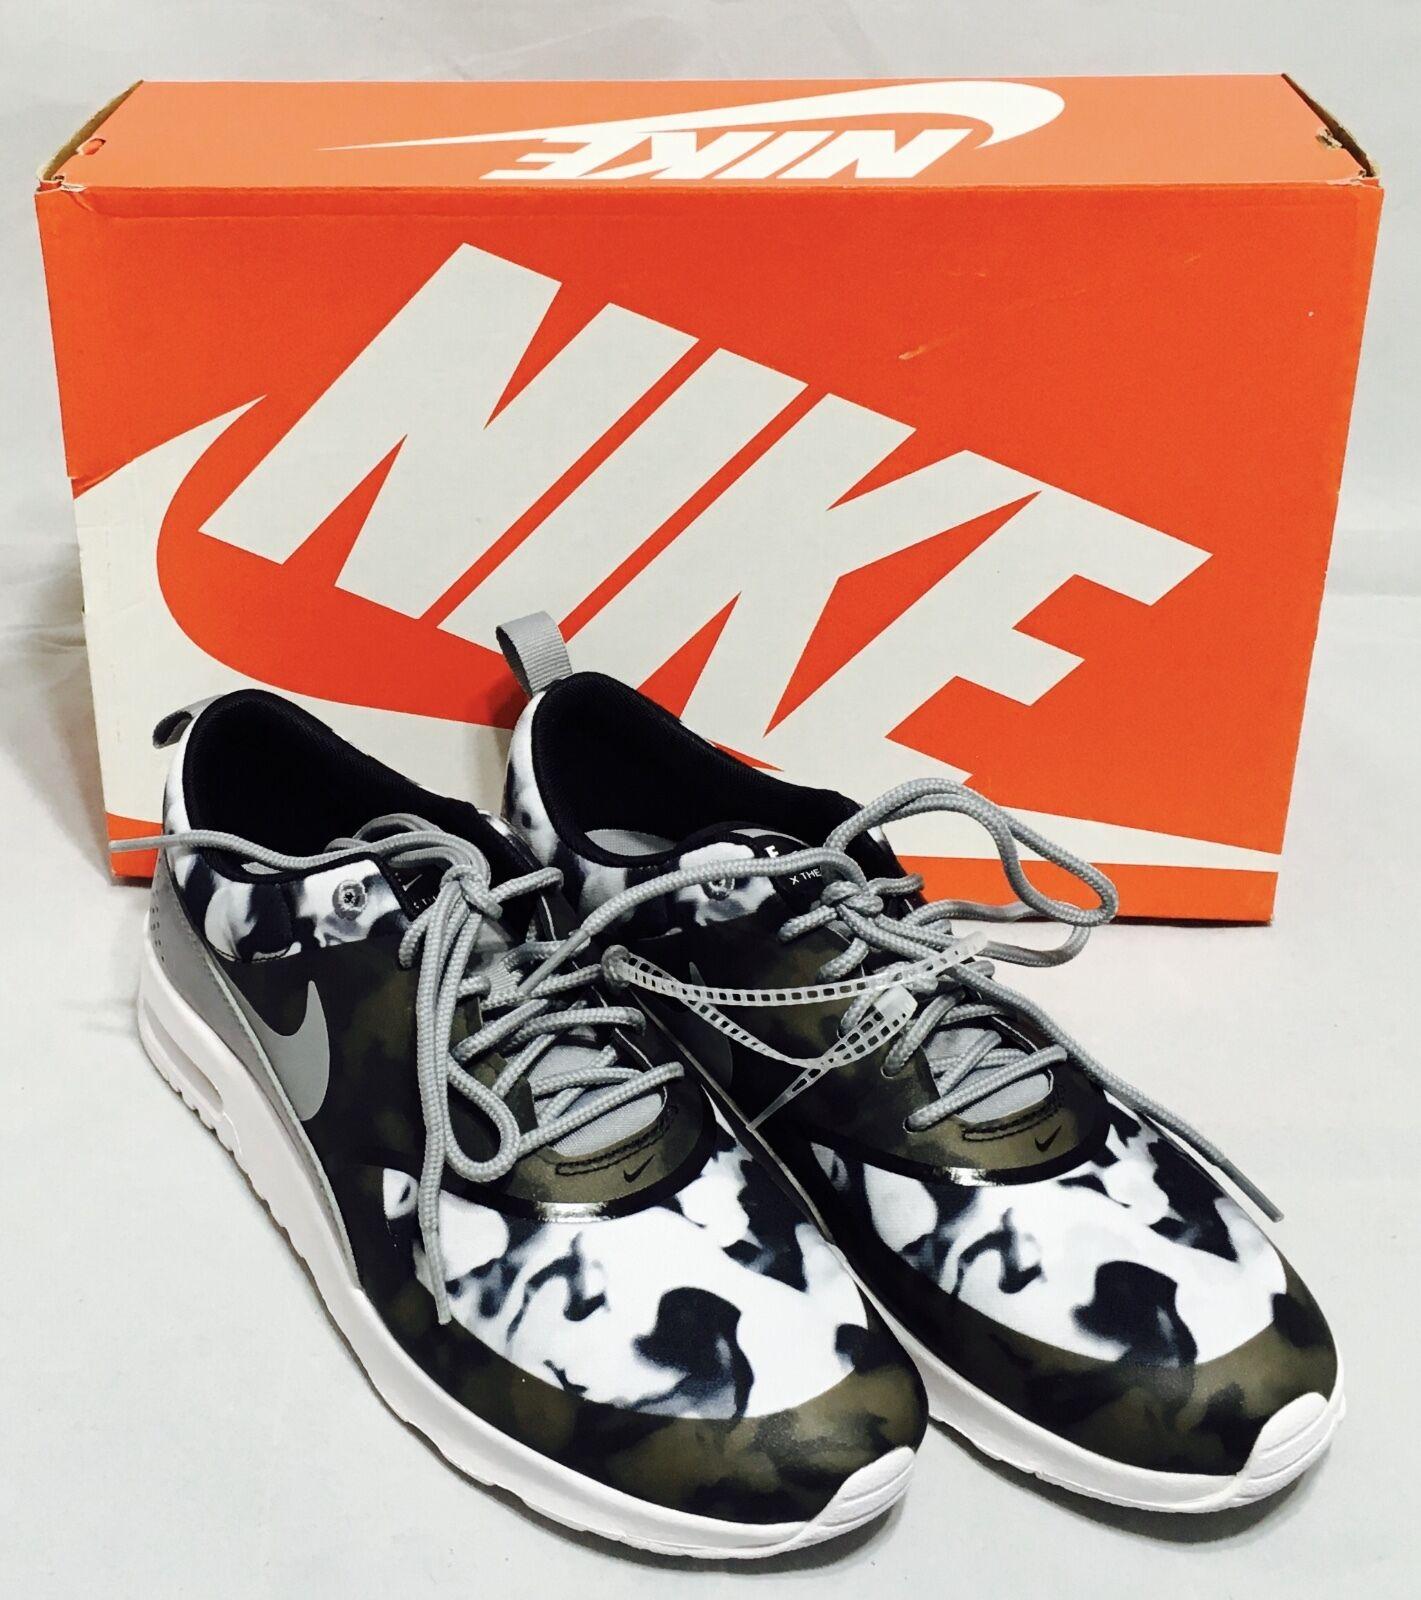 Nike Air Max Thea Print donna  scarpe da ginnastica scarpe 59408 012 nero Sz 8 9.5 NUOVO  alta qualità genuina